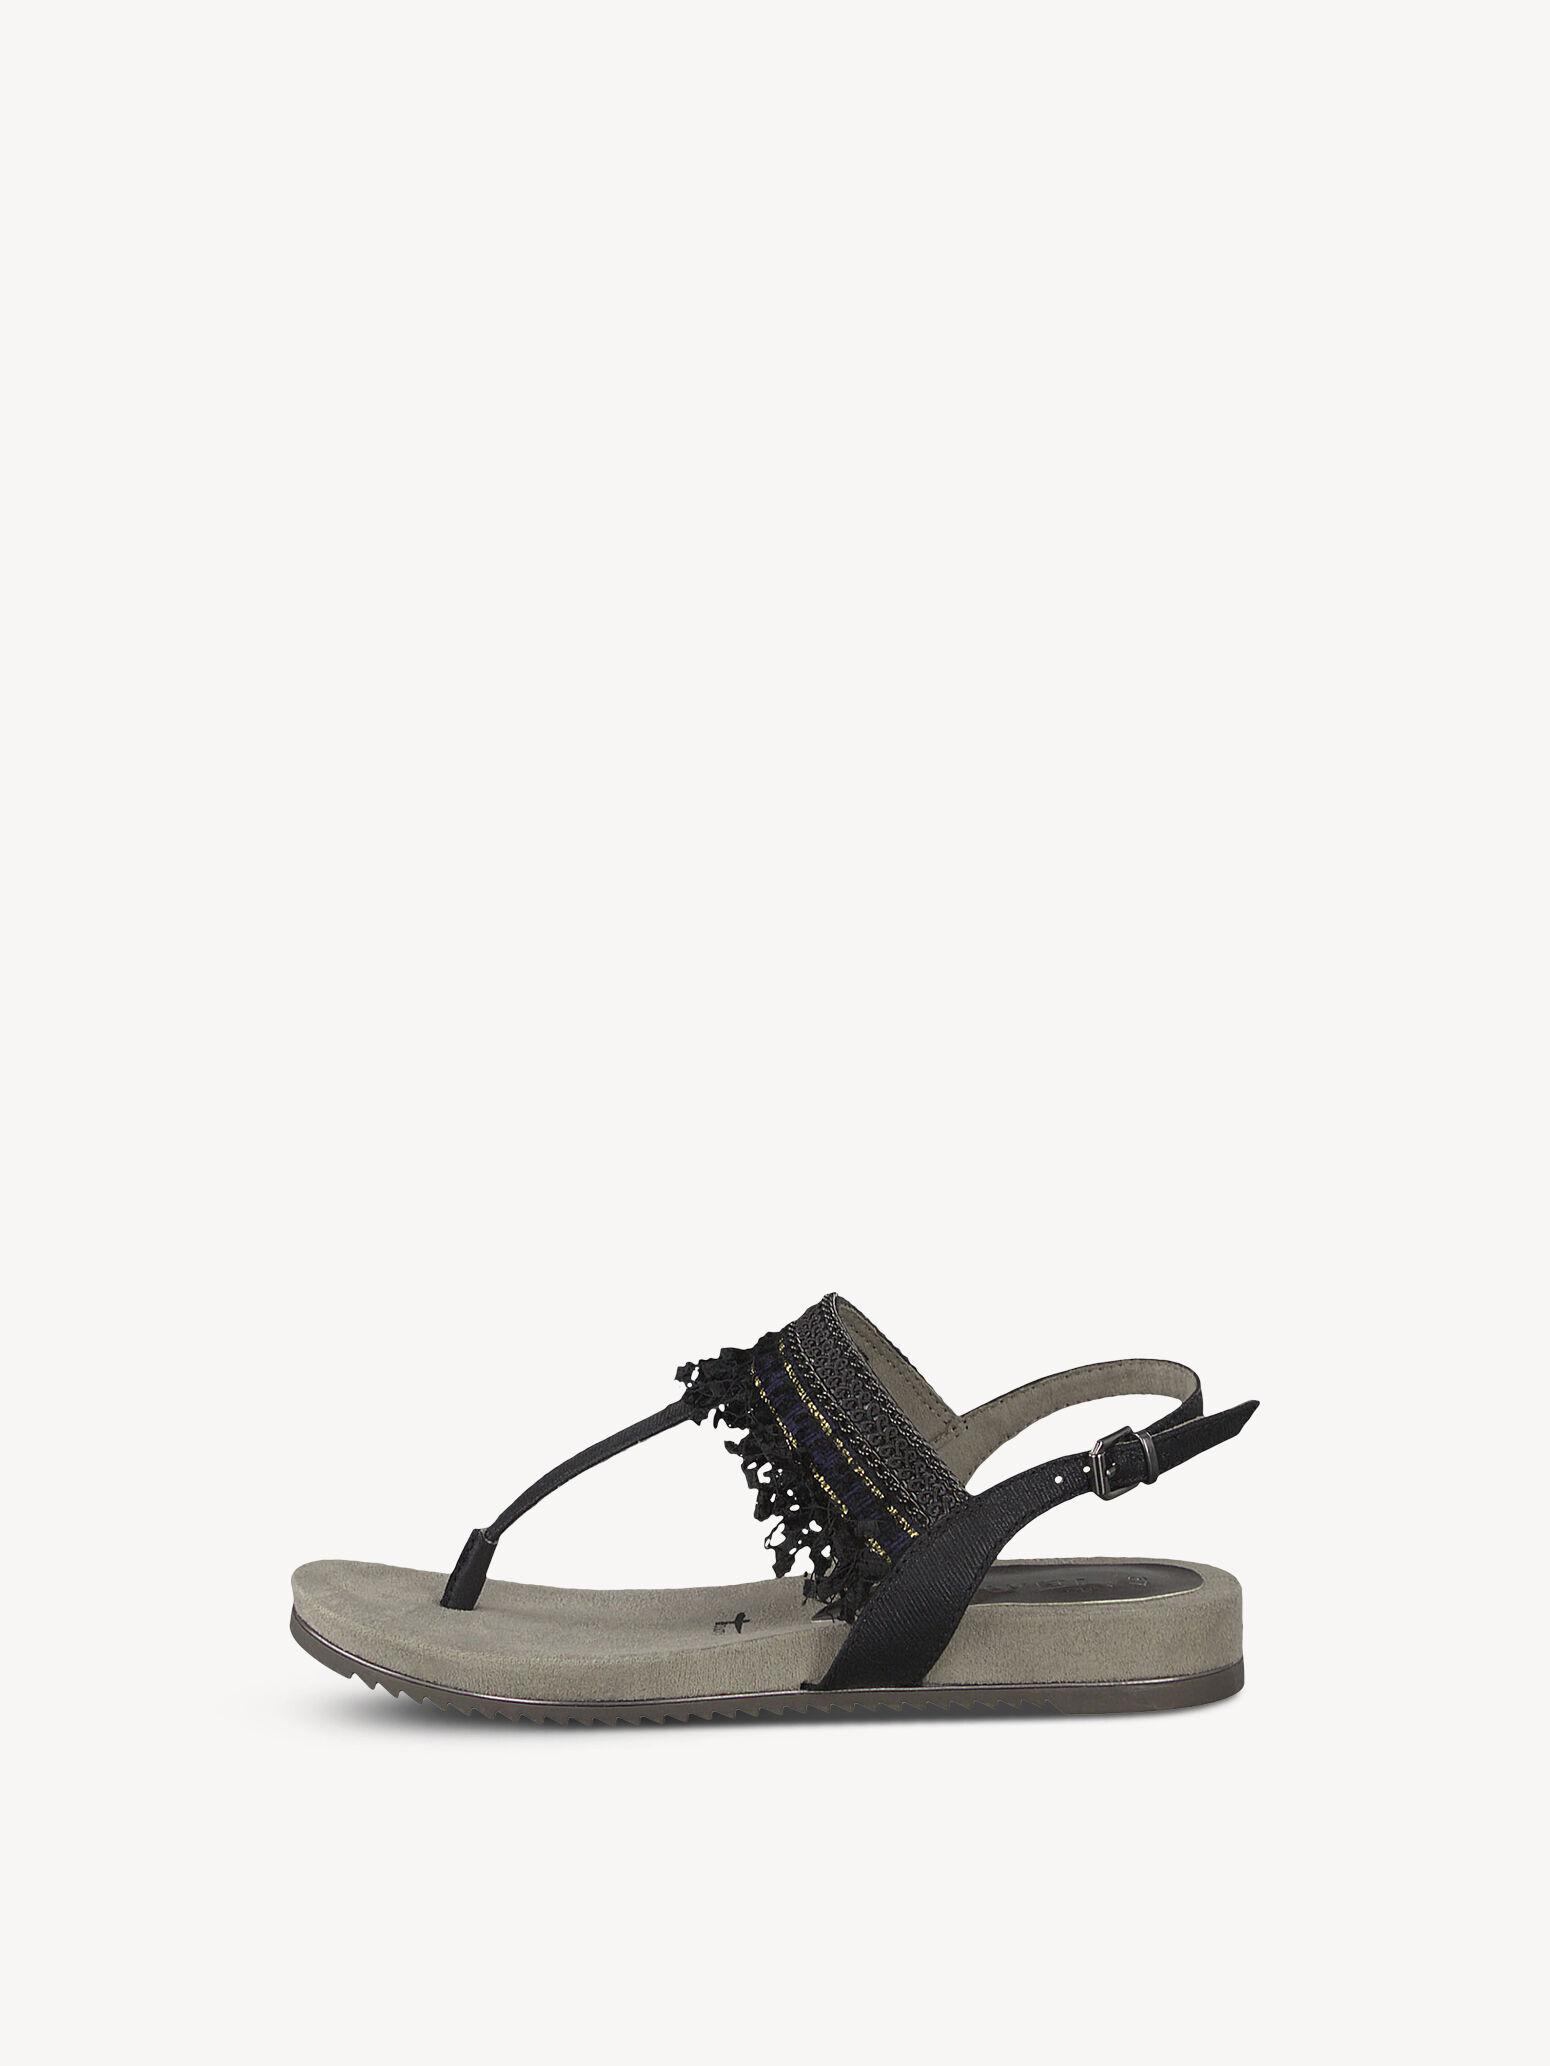 Für Schuhe Kaufen Tamaris Online Zehentrenner Damen Pk08nXwO